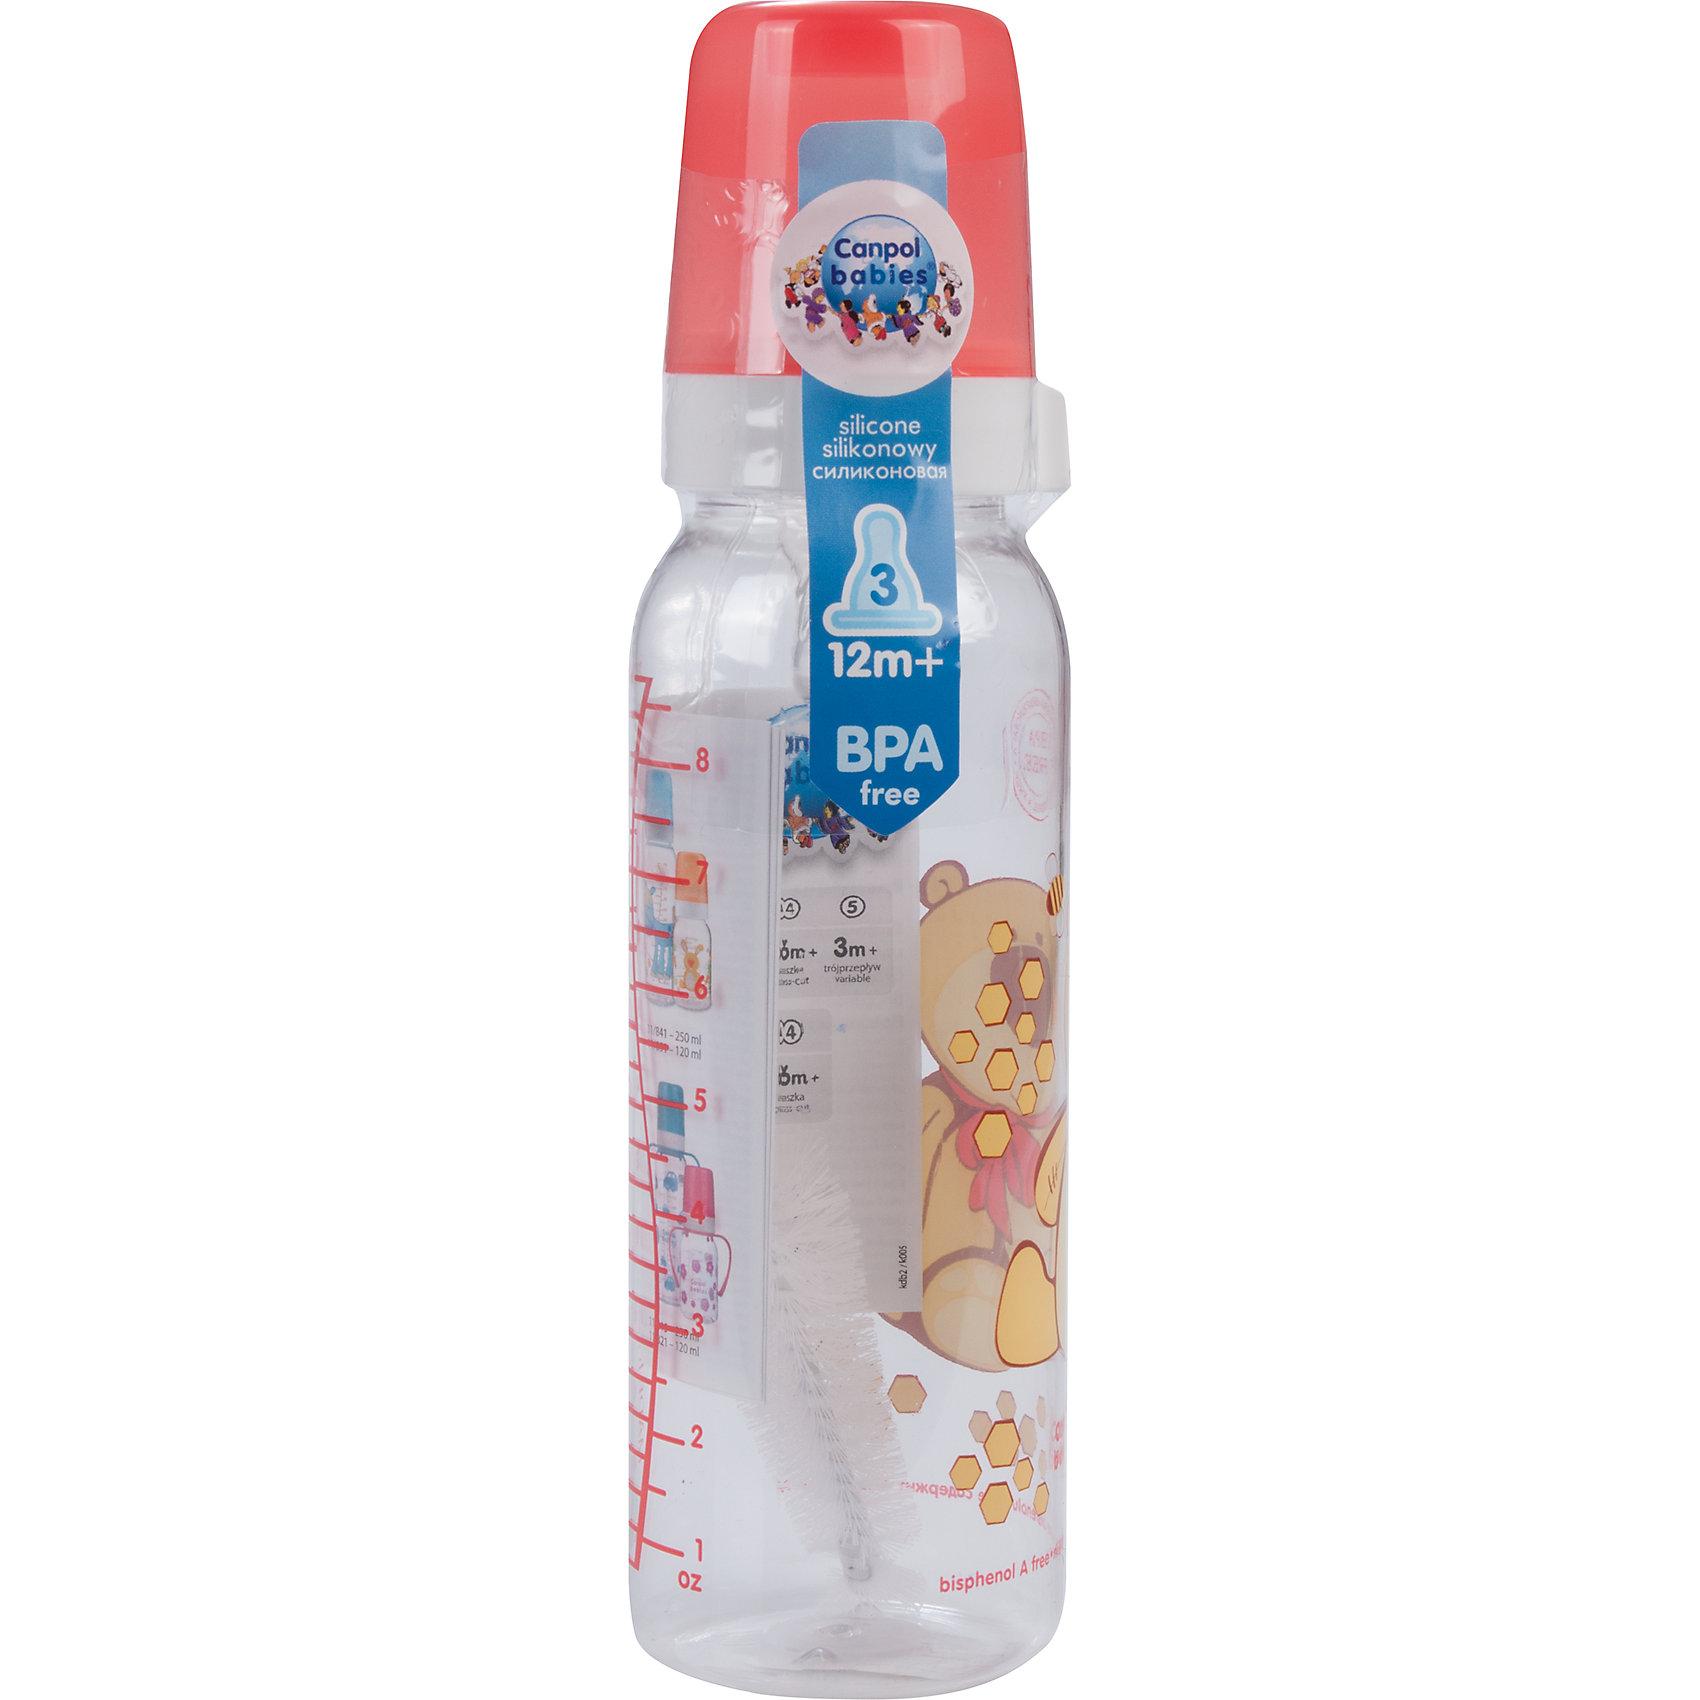 Бутылочка тритановая (BPA 0%) с сил. соской, 250 мл. 12+ Cheerful animals, Canpol Babies, мишкаБутылочка тритановая (BPA 0%) с сил. соской, 250 мл. 12+ Cheerful animals, Canpol Babies, (Канпол Бейбис), мишка.<br><br>Характеристики: <br><br>• Объем бутылочки: 250мл.<br>• Материал бутылочки: тритан - пластик нового поколения.<br>• Материал соски: силикон.<br>• Цвет : красный. <br>Бутылочка тритановая (BPA 0%) с сил. соской, 250 мл. 12+ Cheerful animals, Canpol Babies, (Канпол Бейбис) имеет классическую форму. Удобна в использовании дома и в дороге. Бутылочка выполнена из безопасного качественного материала - тритана, который хорошо держит тепло, снабжена силиконовой соской (медленный поток) и защитным колпачком, имеет удобную мерную шкалу.  Такую бутылочку и все части можно кипятить в воде или стерилизовать с помощью специального прибора. Не впитывает запахи. Бутылочка выполнена в красном цвете, украшена  забавным принтом – мишка.<br>Бутылочка тритановая (BPA 0%) с сил. соской, 250 мл. 12+ Cheerful animals, Canpol Babies, (Канпол Бейбис), мишка можно купить в нашем интернет- магазине.<br><br>Ширина мм: 65<br>Глубина мм: 54<br>Высота мм: 235<br>Вес г: 640<br>Возраст от месяцев: 12<br>Возраст до месяцев: 36<br>Пол: Унисекс<br>Возраст: Детский<br>SKU: 5156810